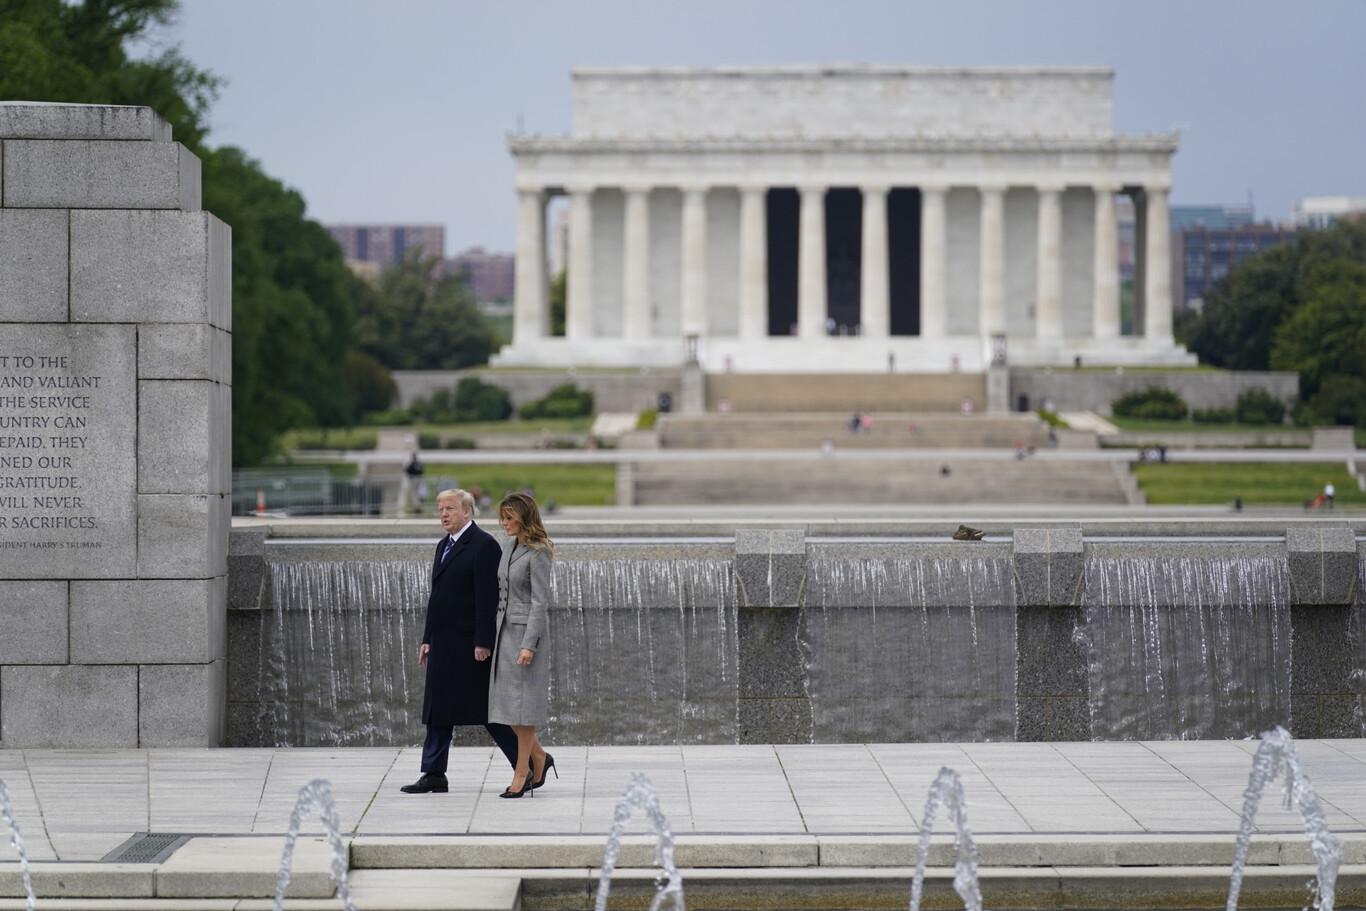 Hacer los Edificios Bonitos de Nuevo: por qué Trump ha impuesto el neoclasicismo en la arquitectura de EEUU